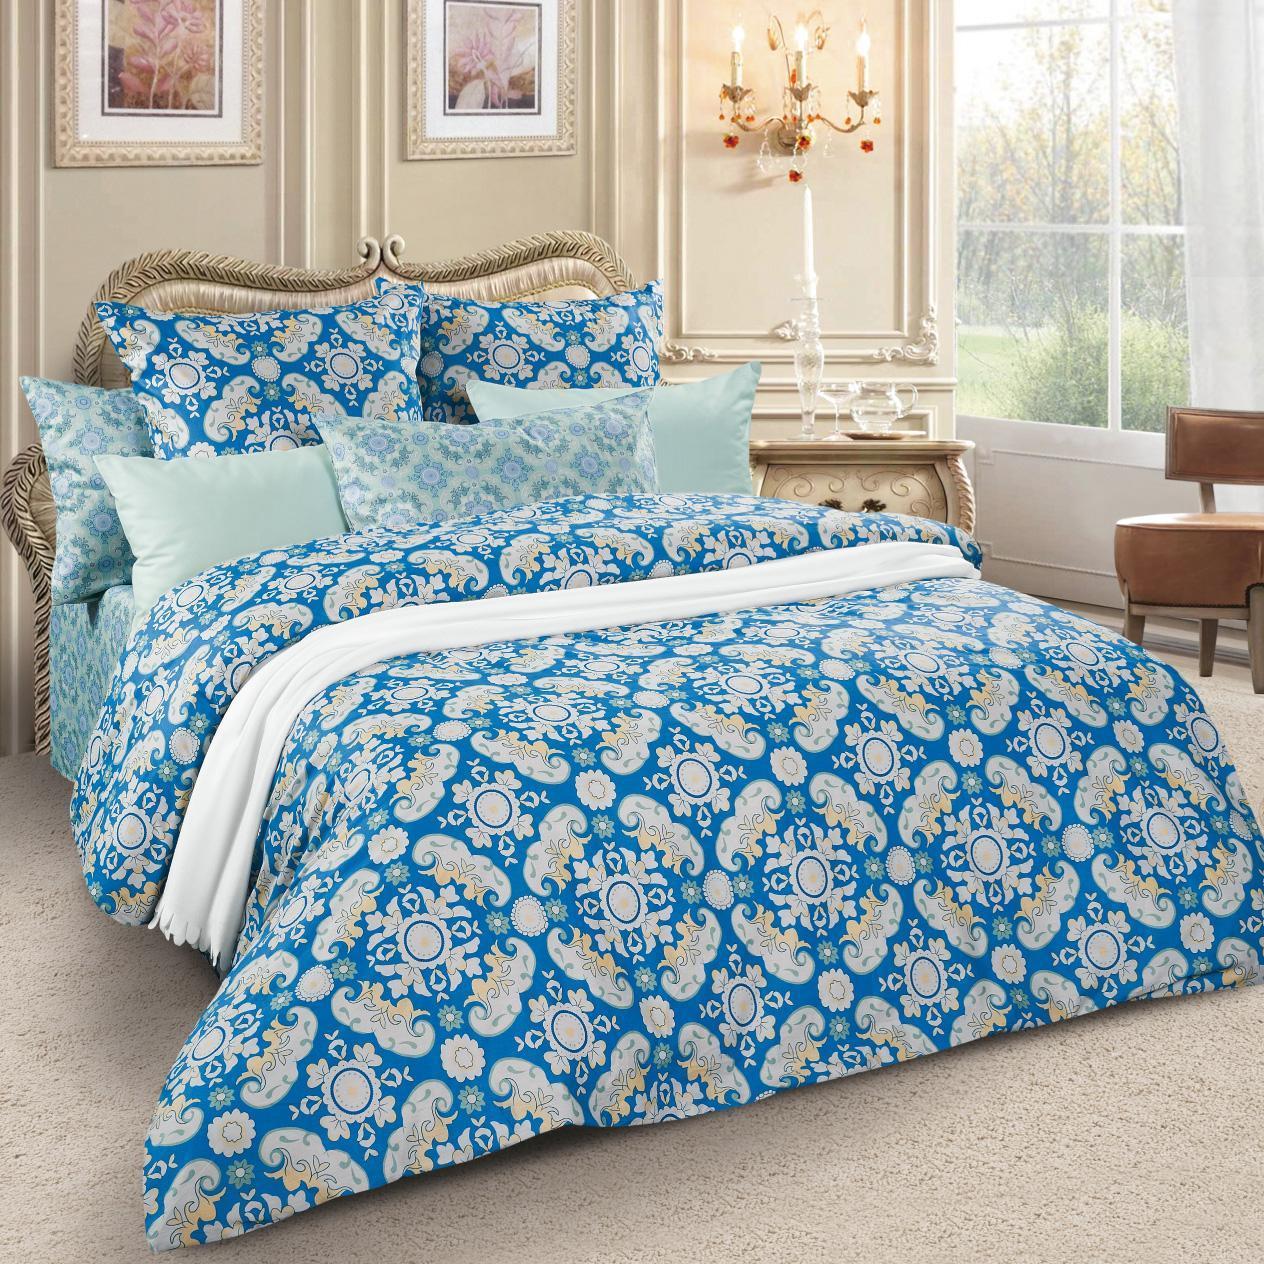 Комплект белья Letto, 1,5-спальный, наволочки 70х70, цвет: синий. sm59-3 комплект белья letto дуэт семейный наволочки 70х70 цвет голубой b33 7